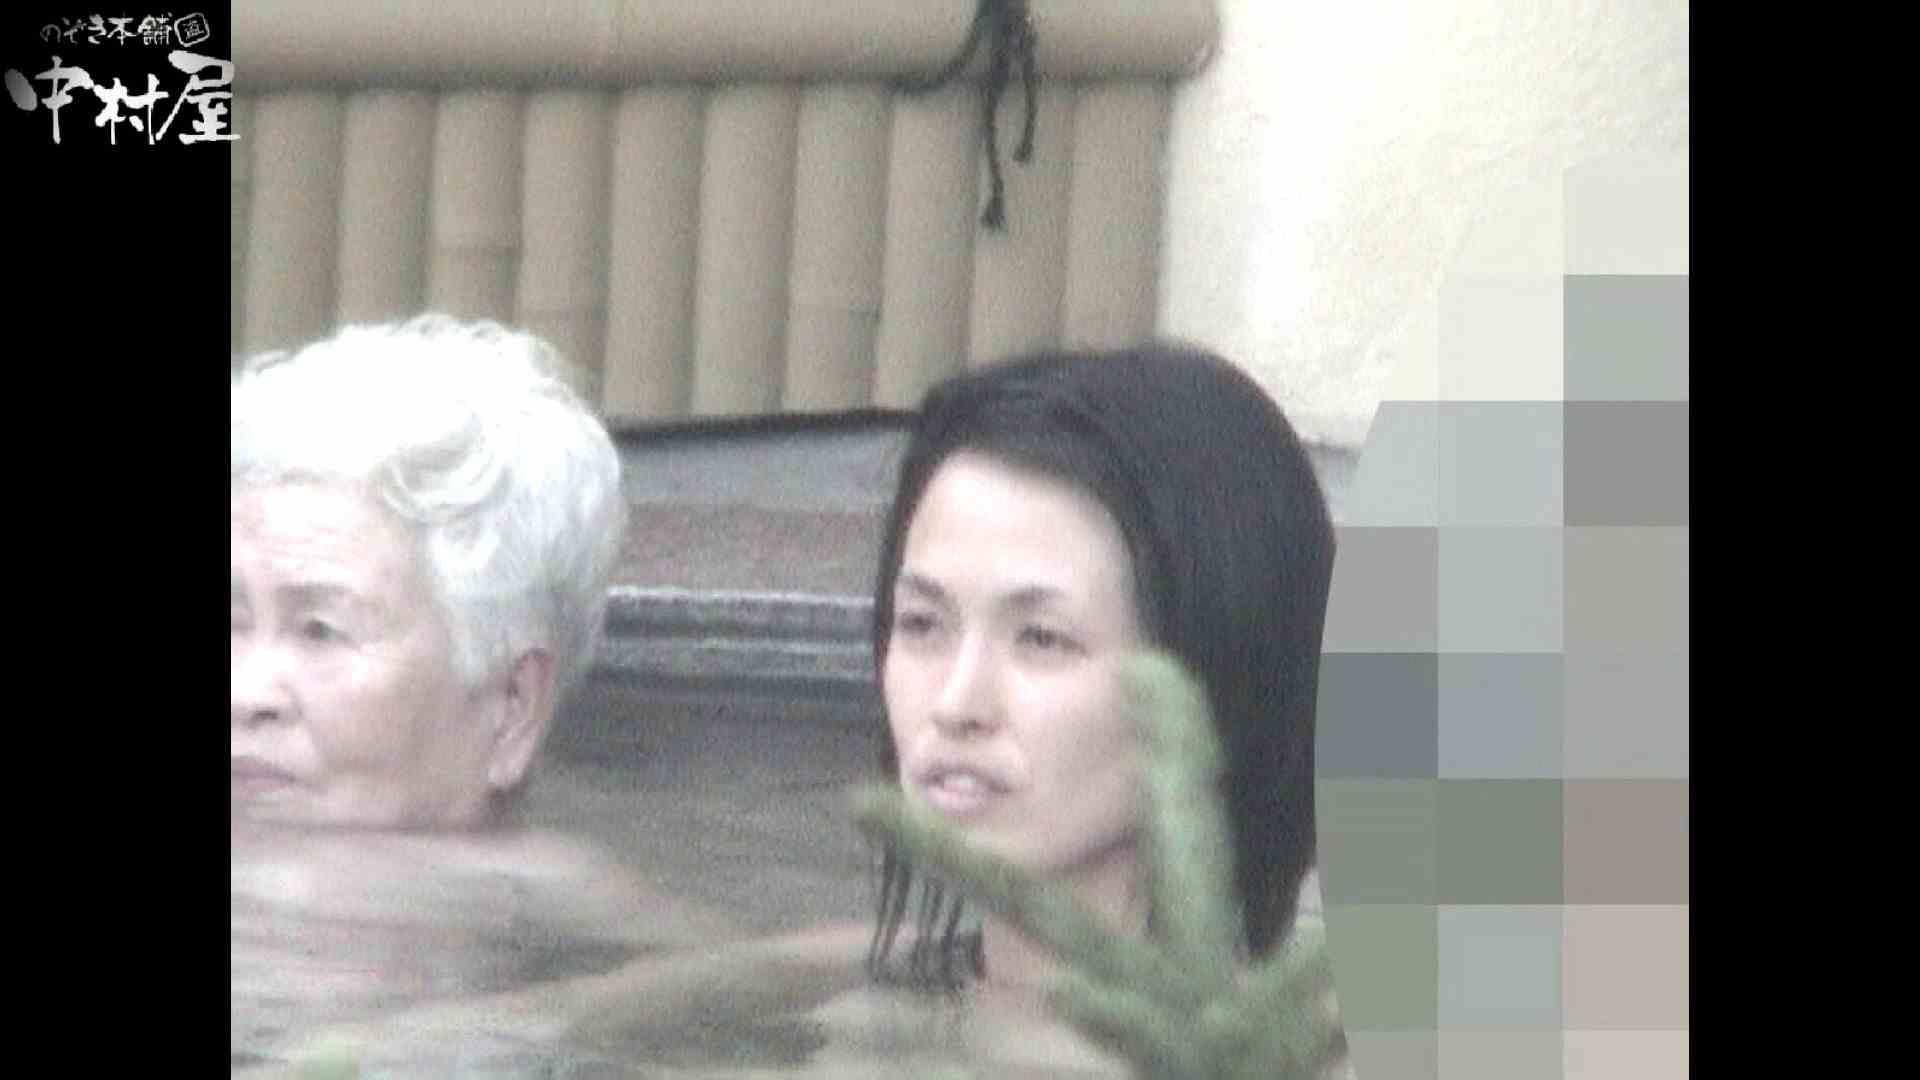 Aquaな露天風呂Vol.933 露天風呂  74連発 60